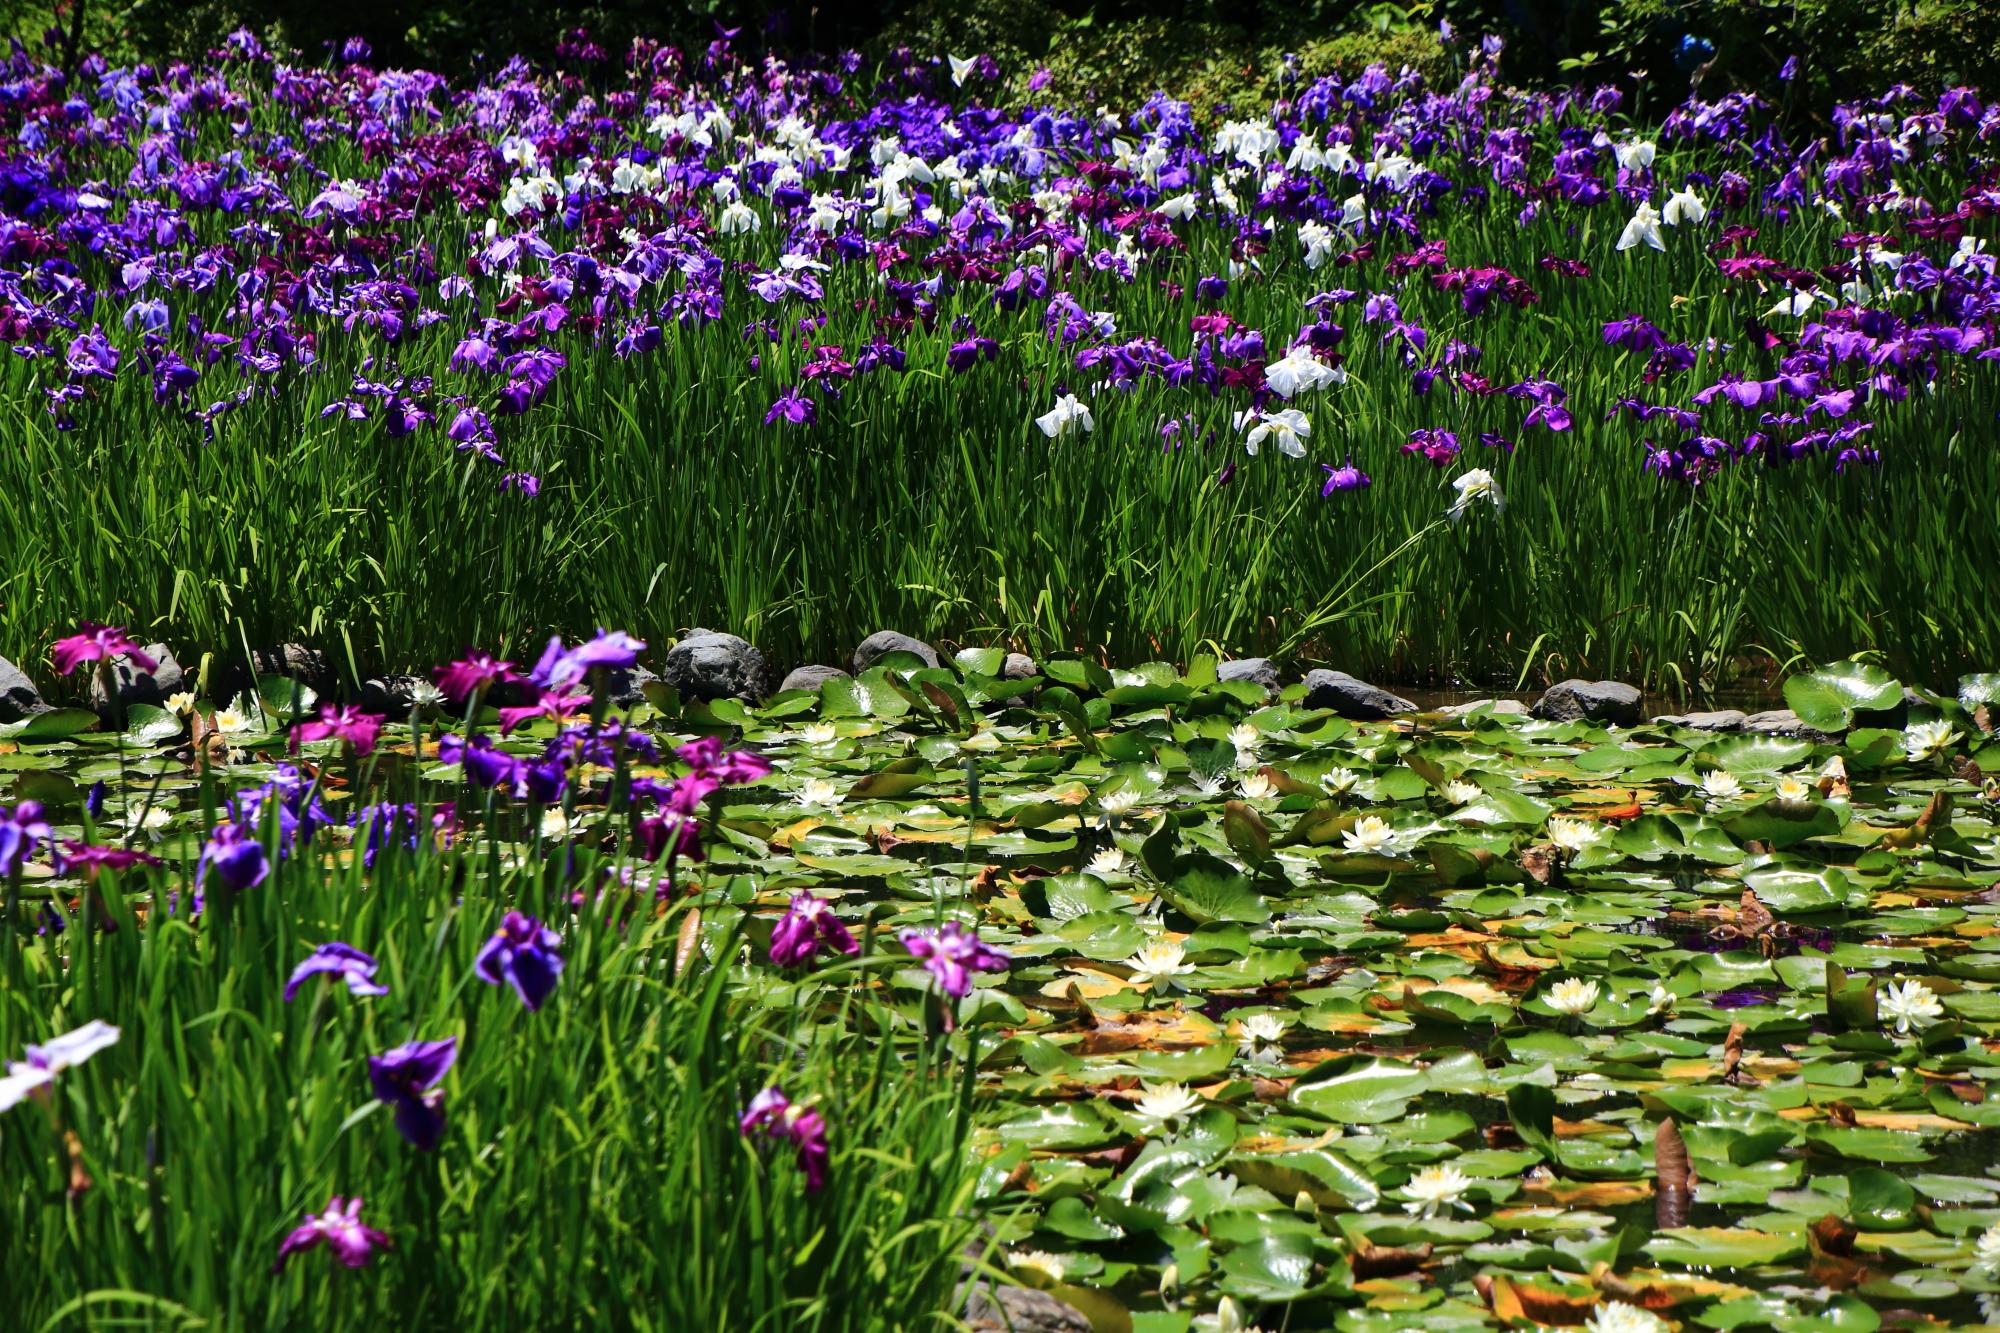 梅宮大社の咲き乱れる花菖蒲と睡蓮の初夏の彩り